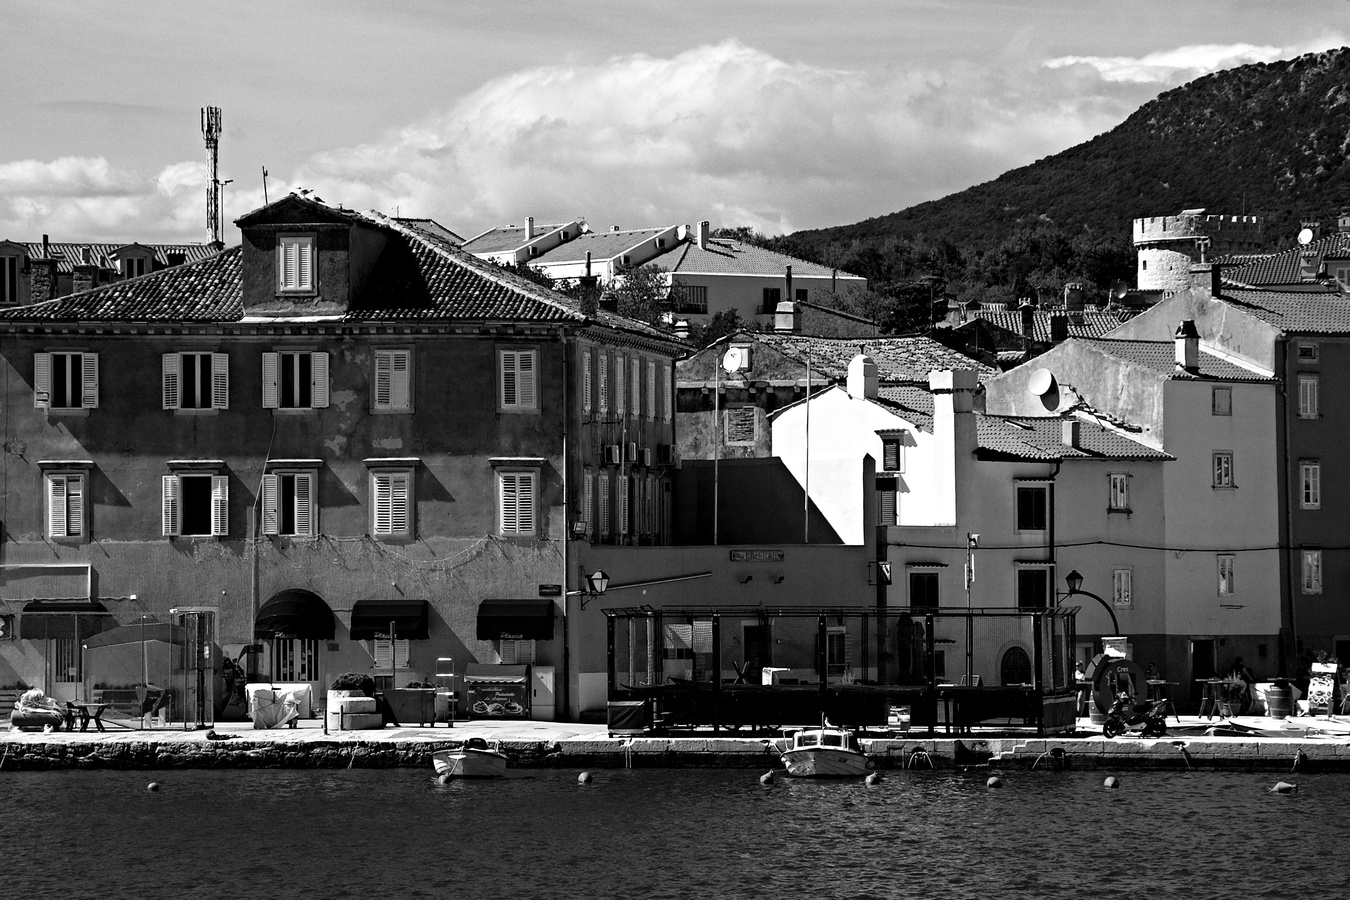 Středomořská architektura - Cres